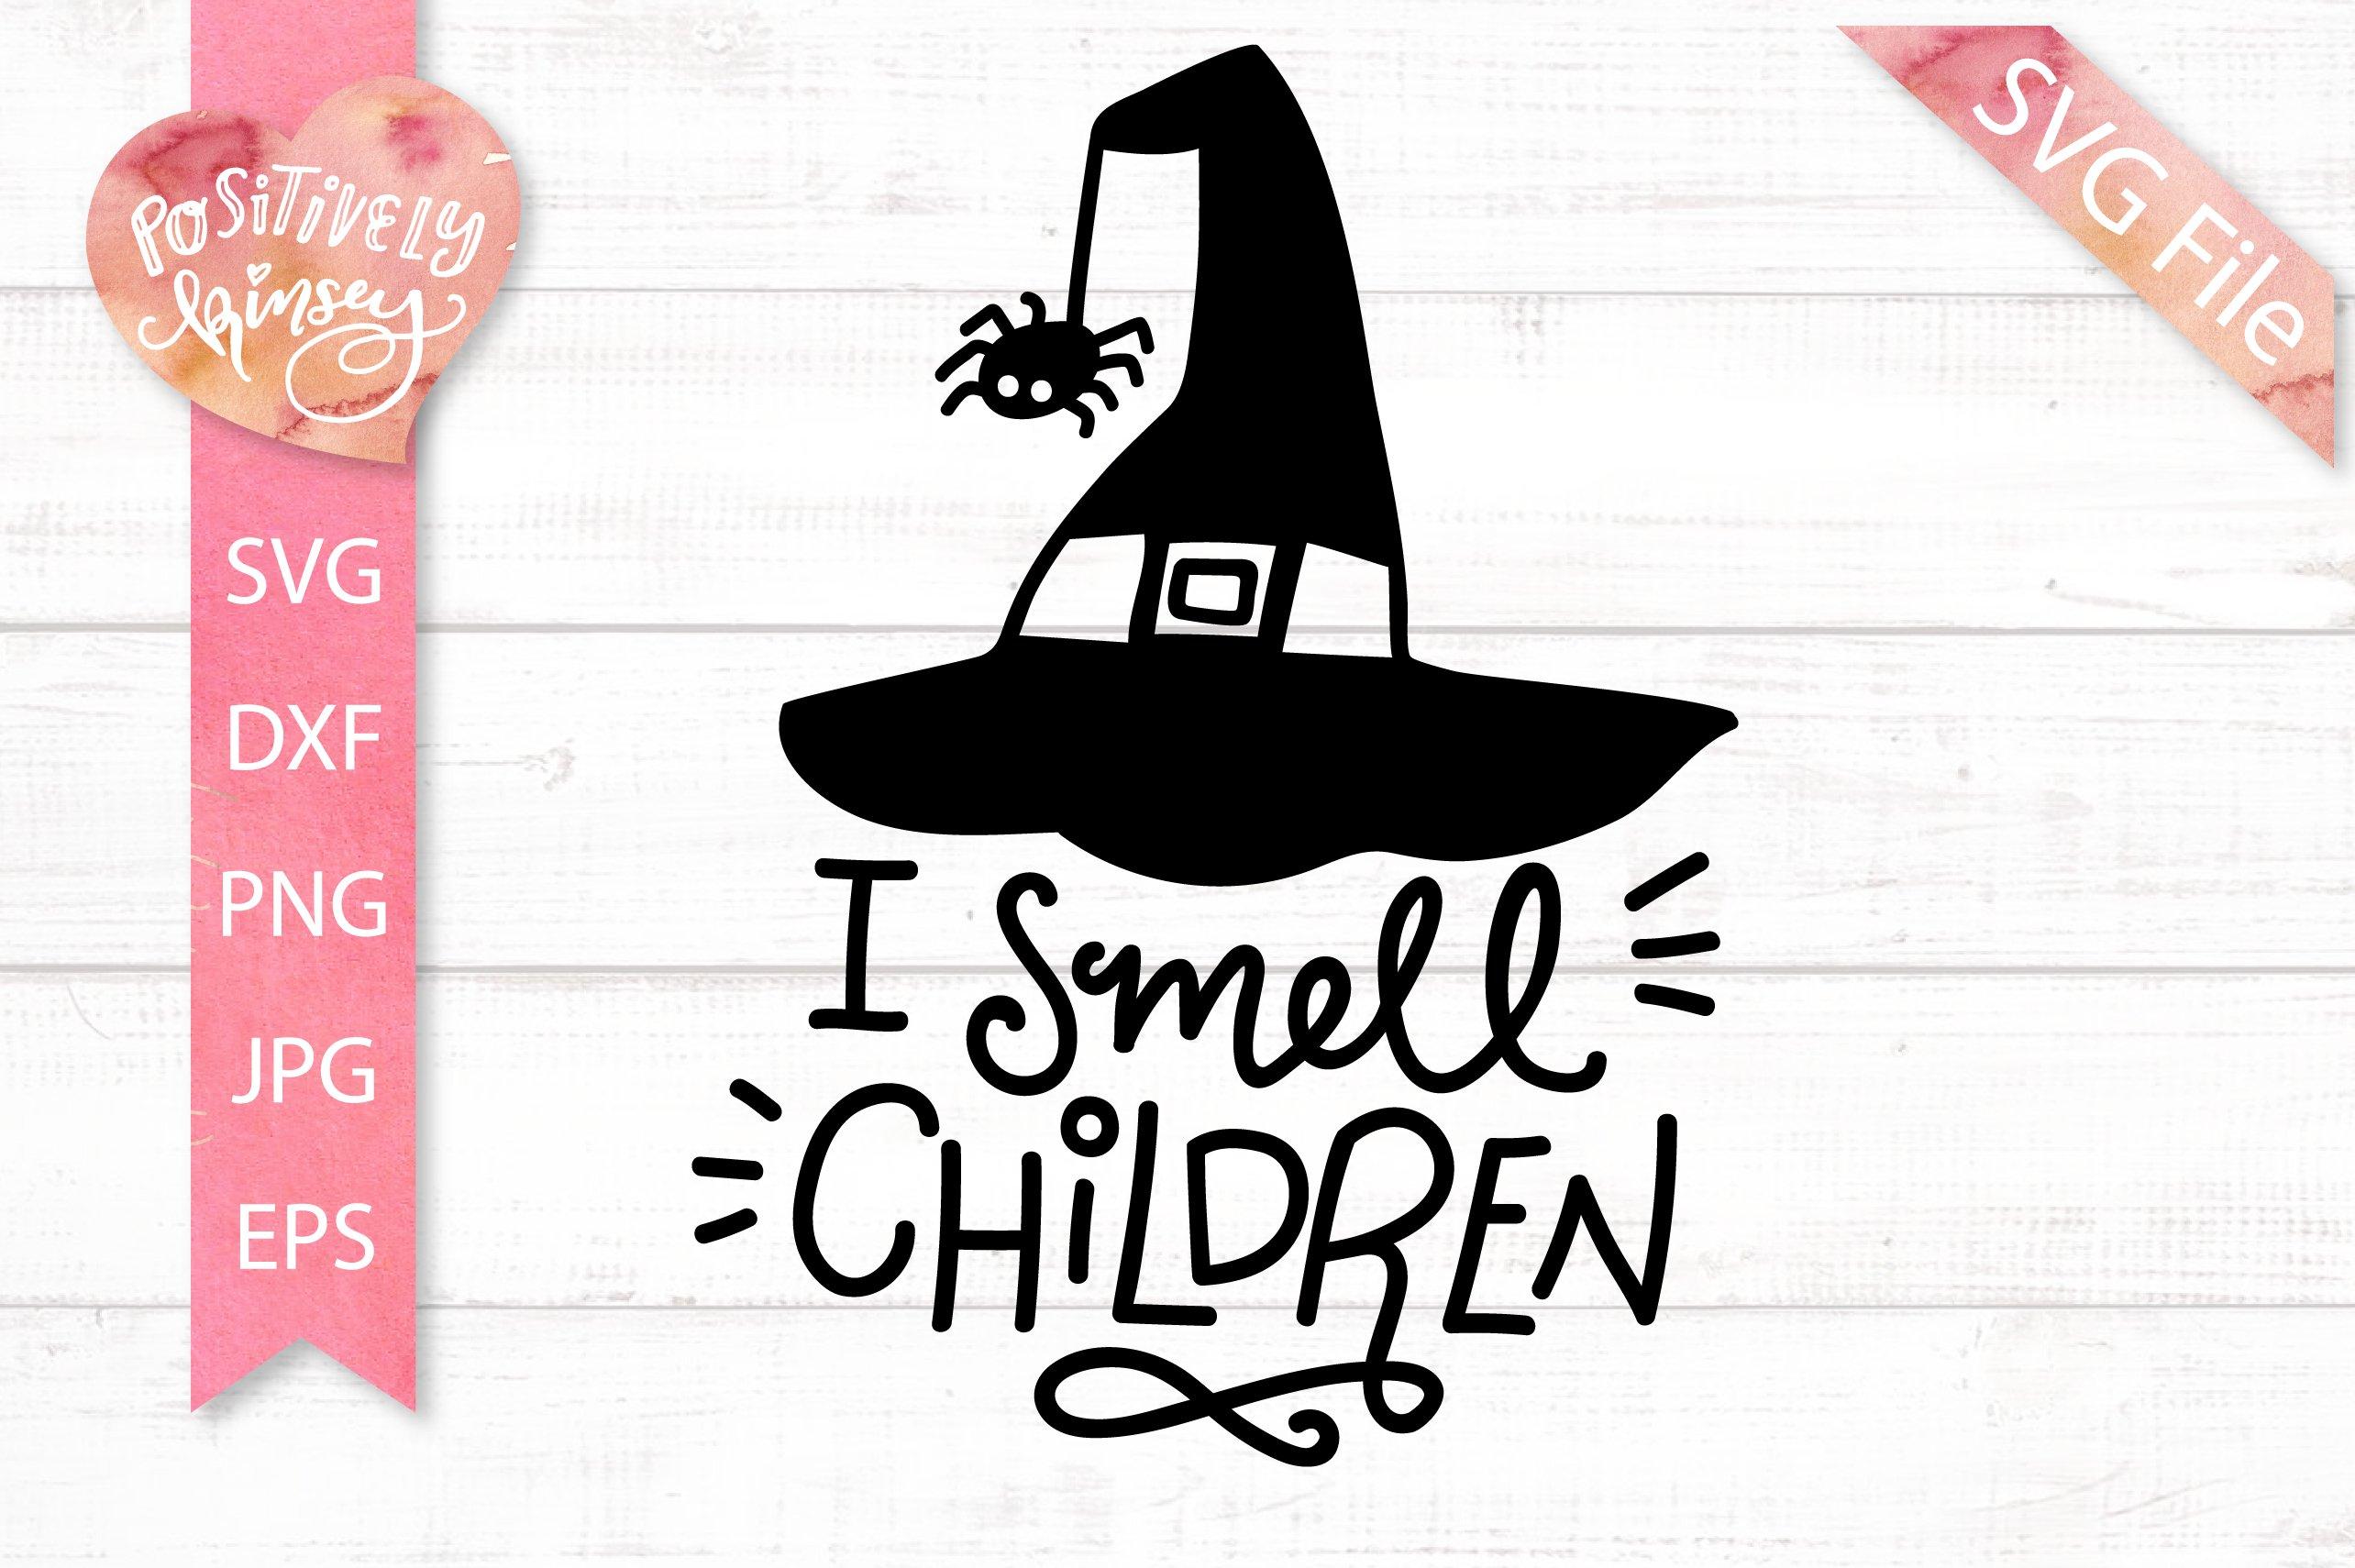 The Little Witch Svg Bundle Halloween Svg Dxf Png Eps Files 349119 Svgs Design Bundles